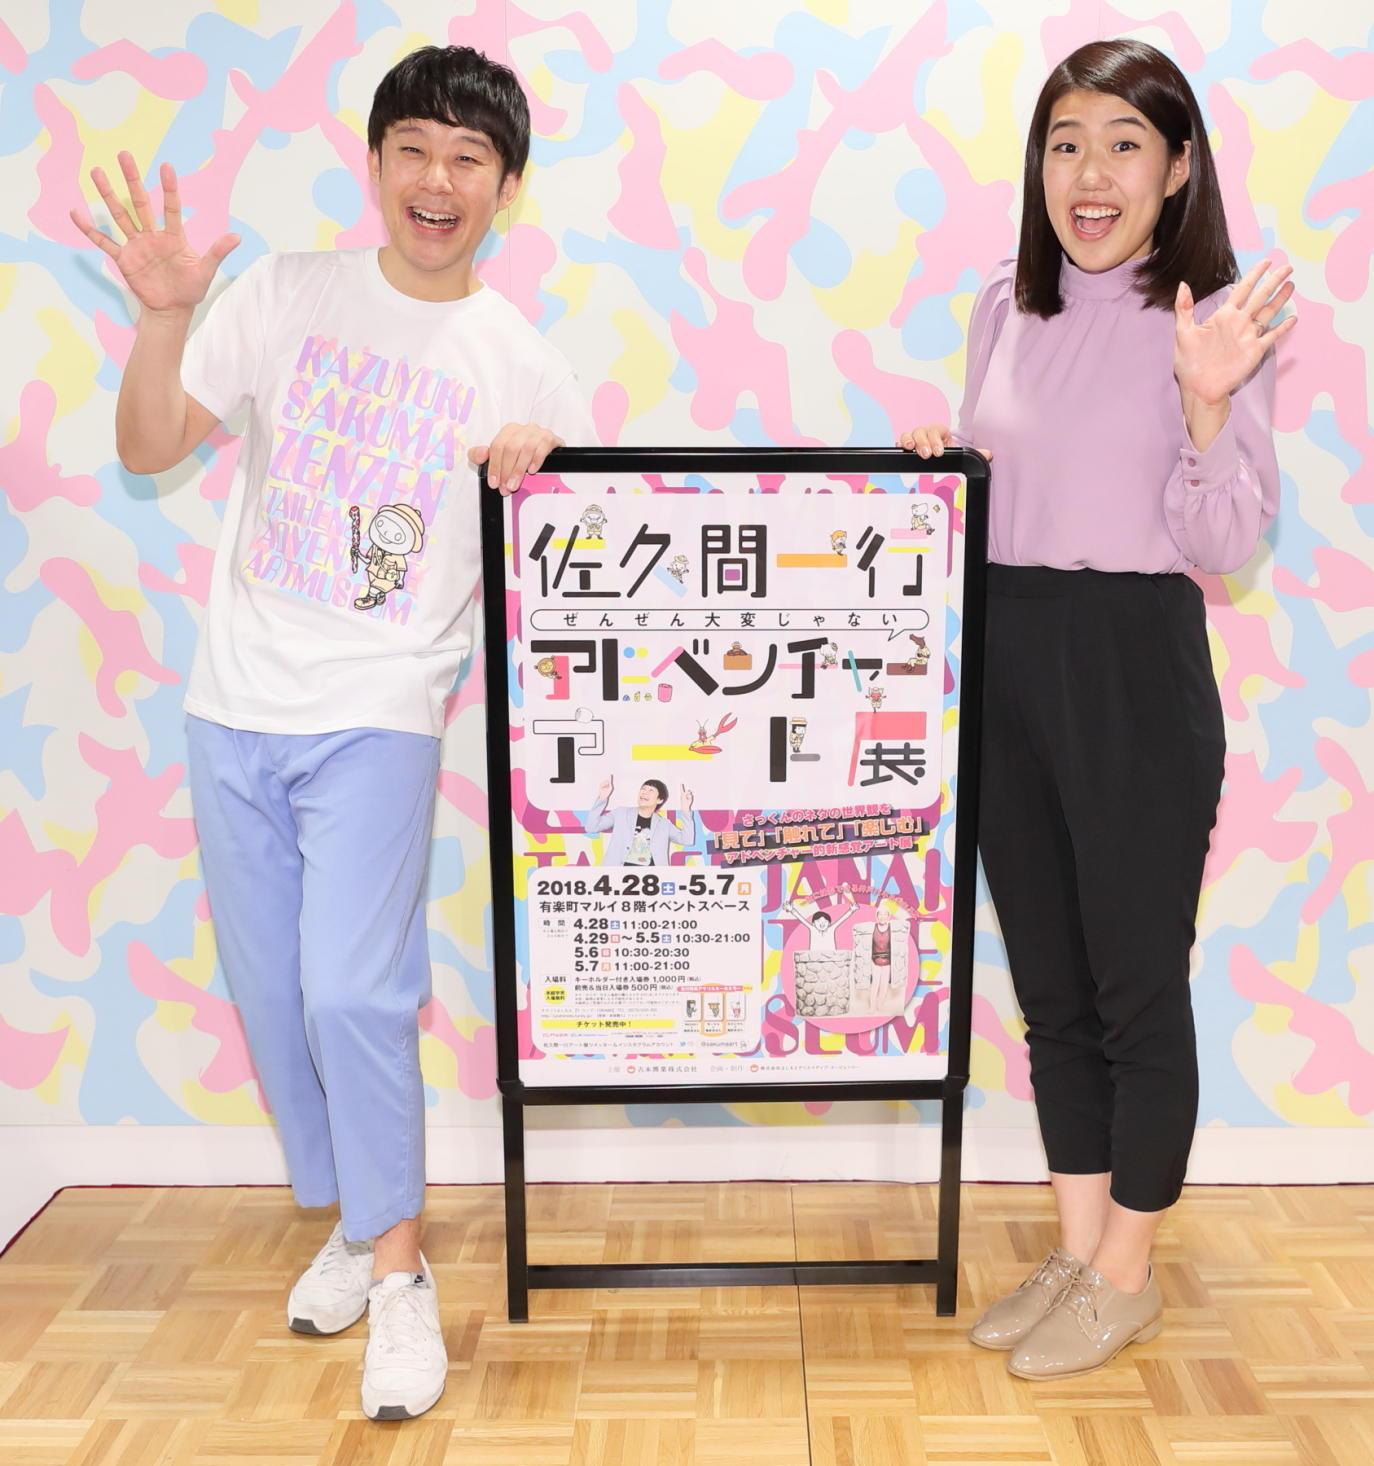 http://news.yoshimoto.co.jp/20180427000931-75ee849a0583829204e299b378d9fcca04a1bea9.jpg